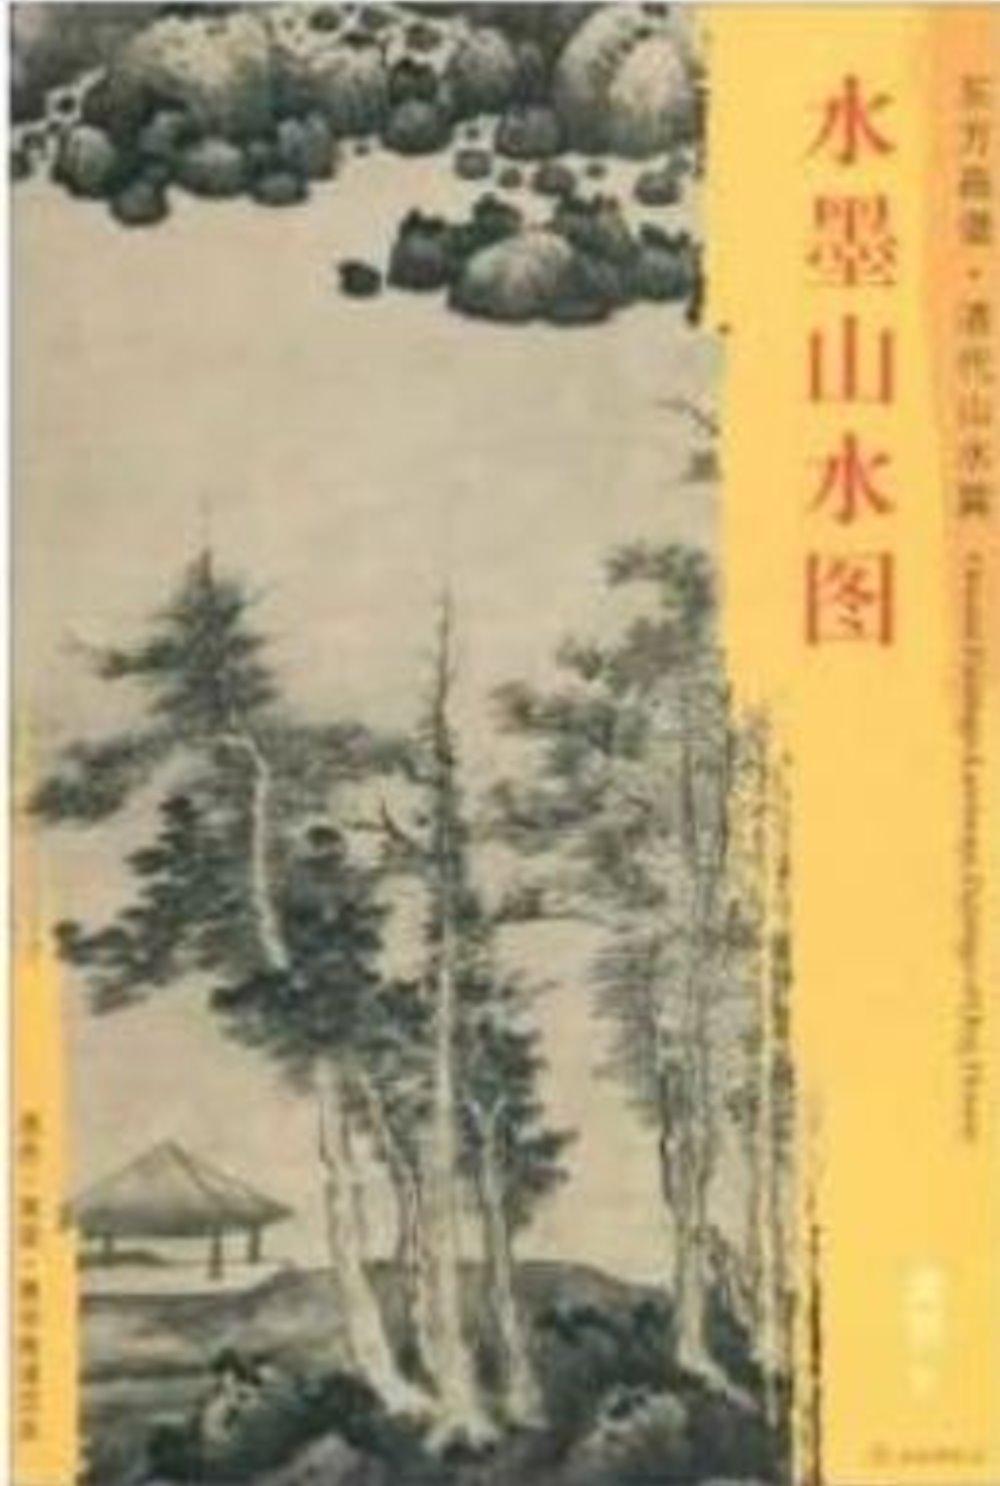 東方畫譜·清代山水篇·水墨山水圖